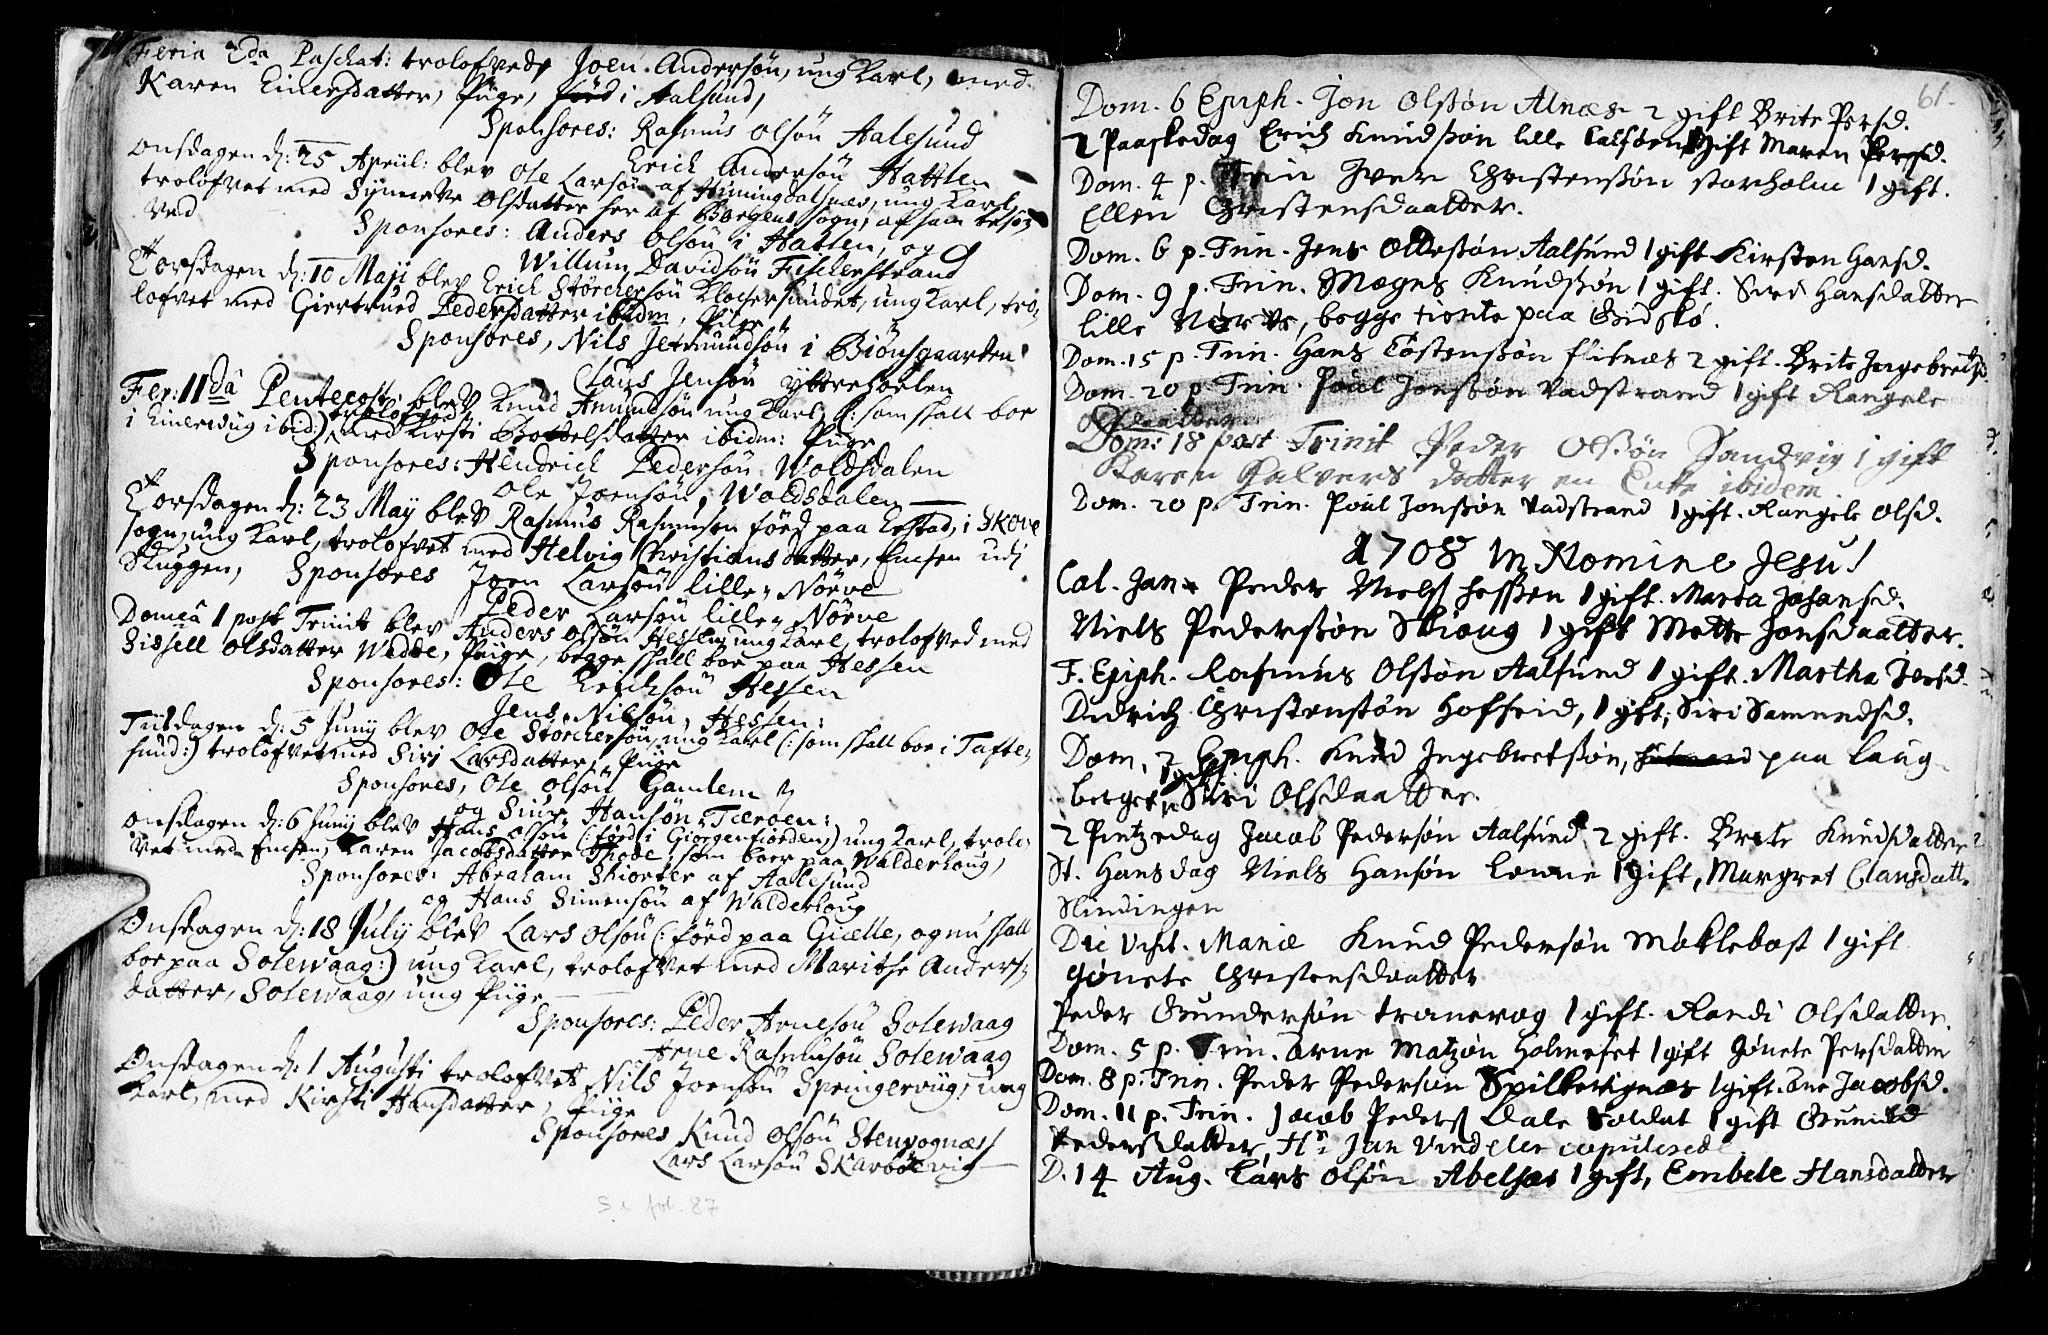 SAT, Ministerialprotokoller, klokkerbøker og fødselsregistre - Møre og Romsdal, 528/L0390: Ministerialbok nr. 528A01, 1698-1739, s. 60-61